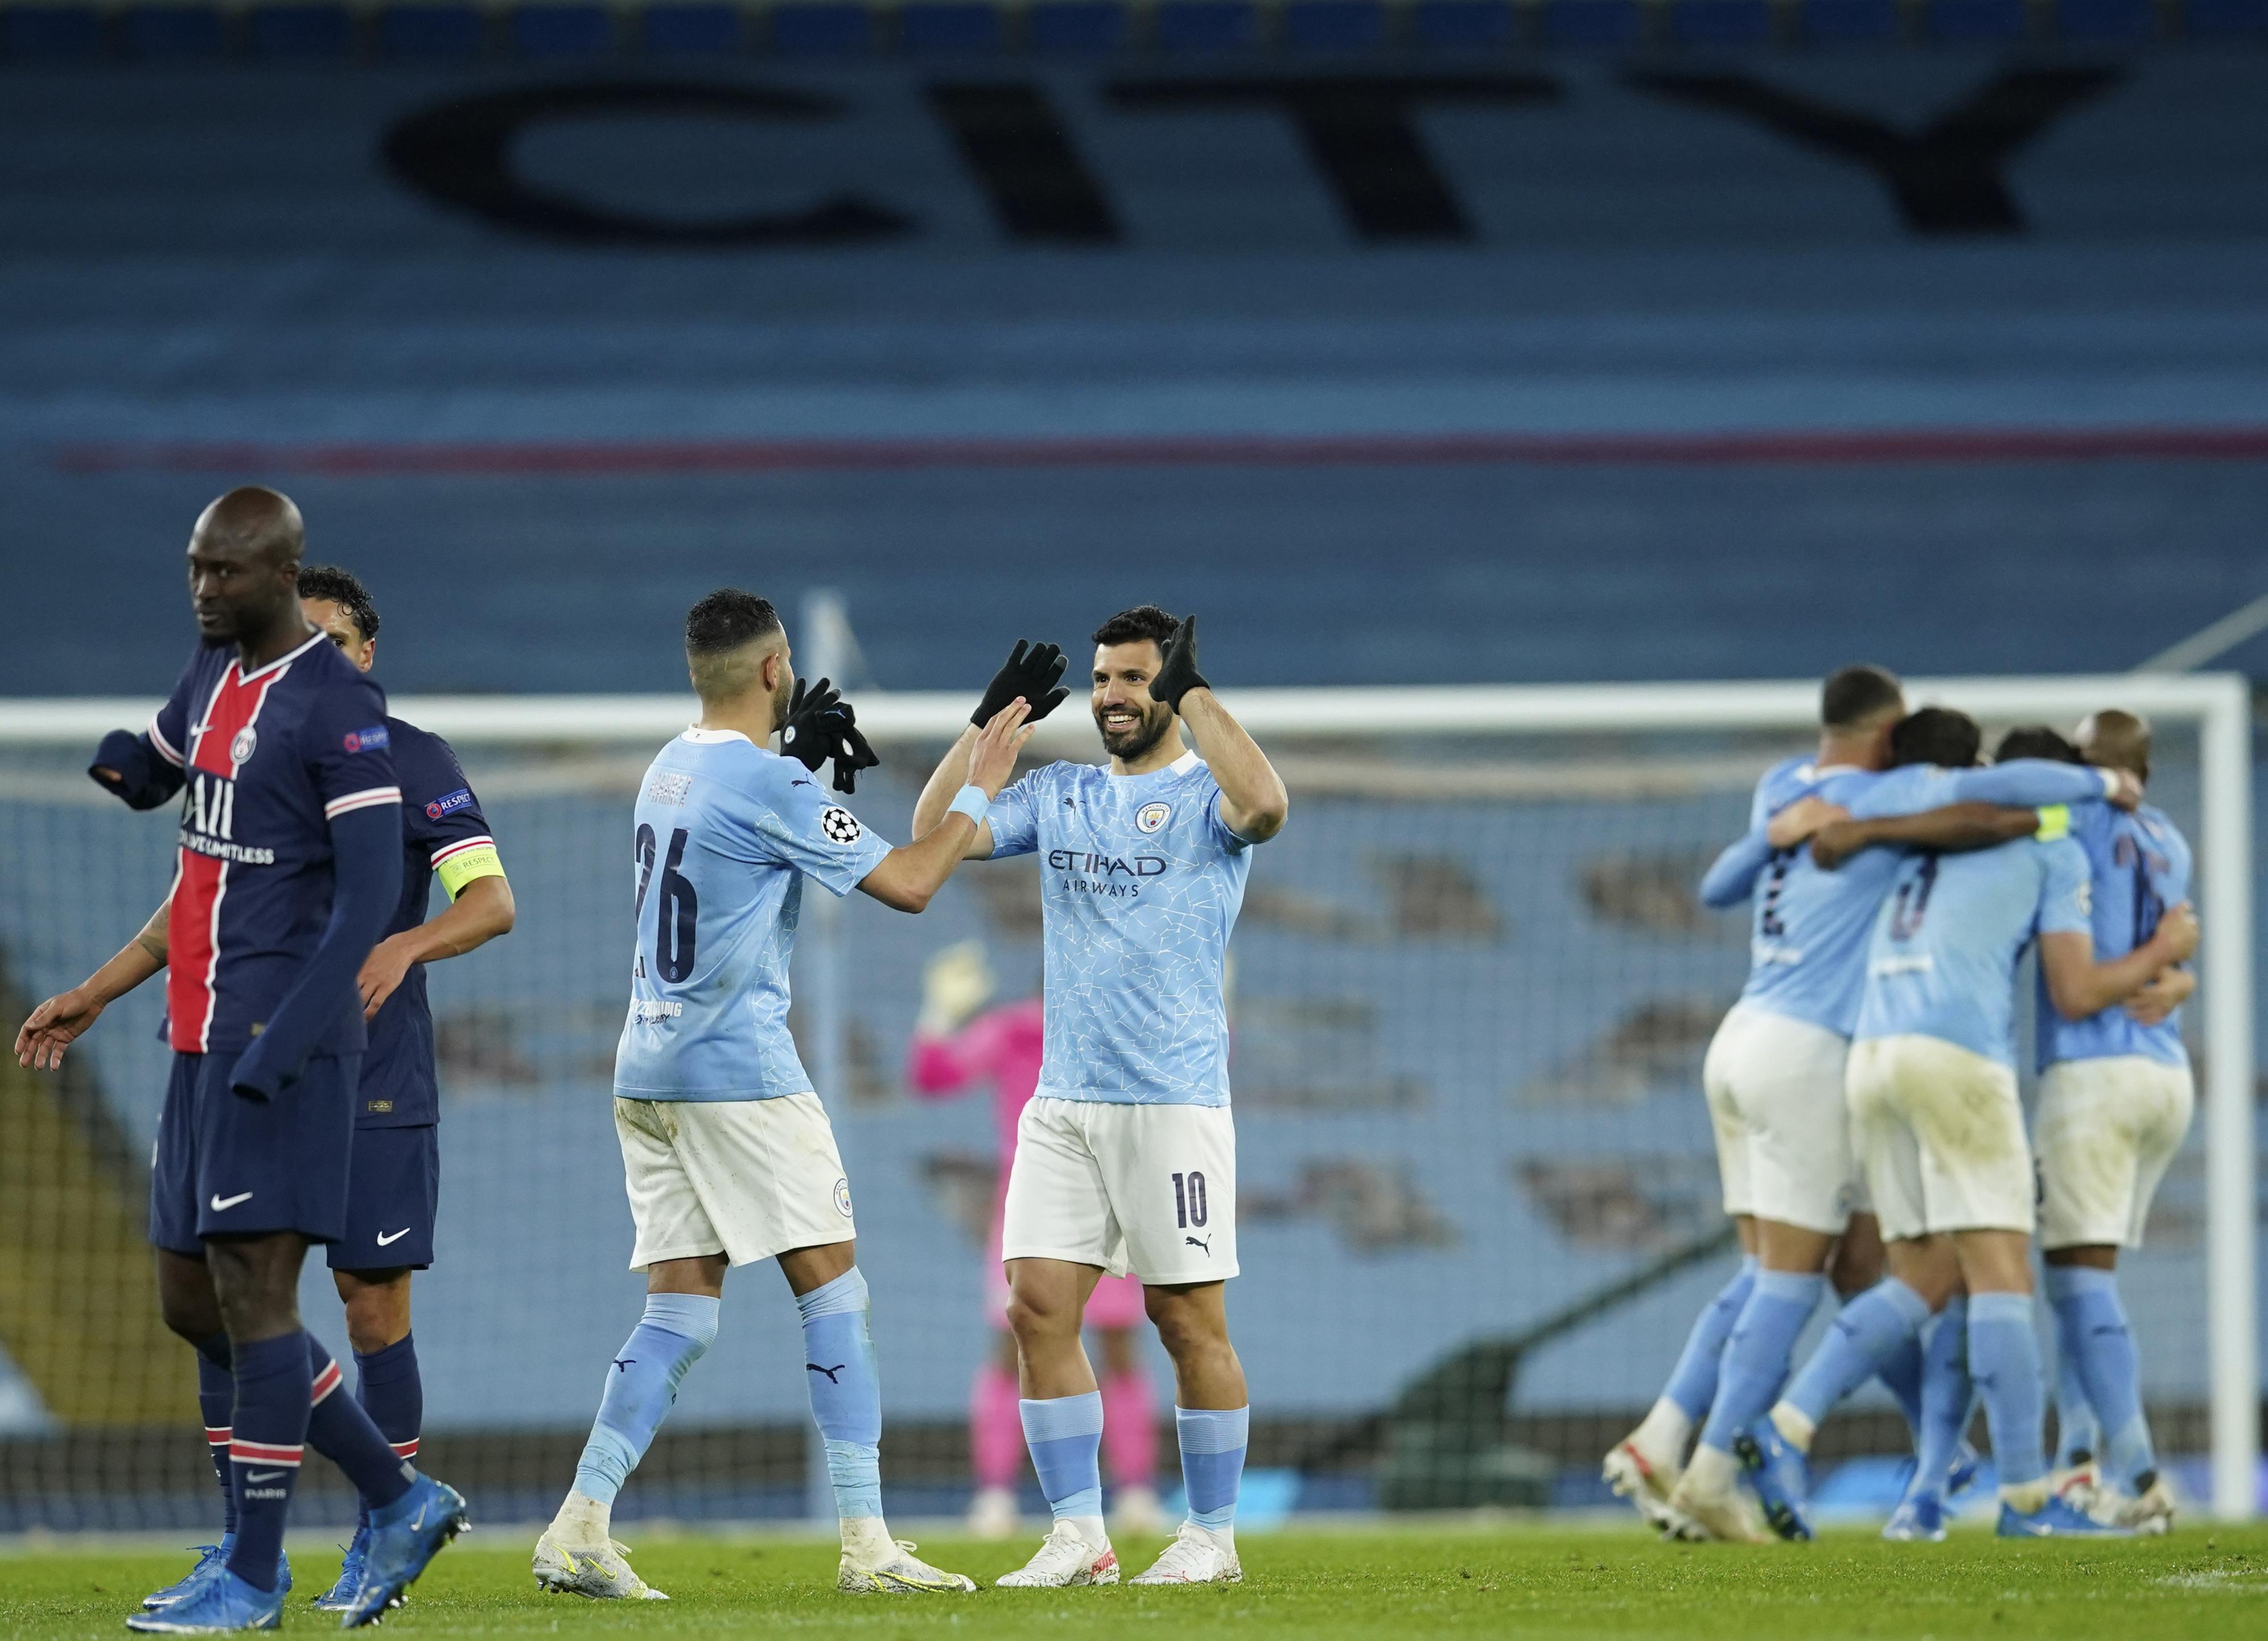 Los jugadores del City celebran la victoria.